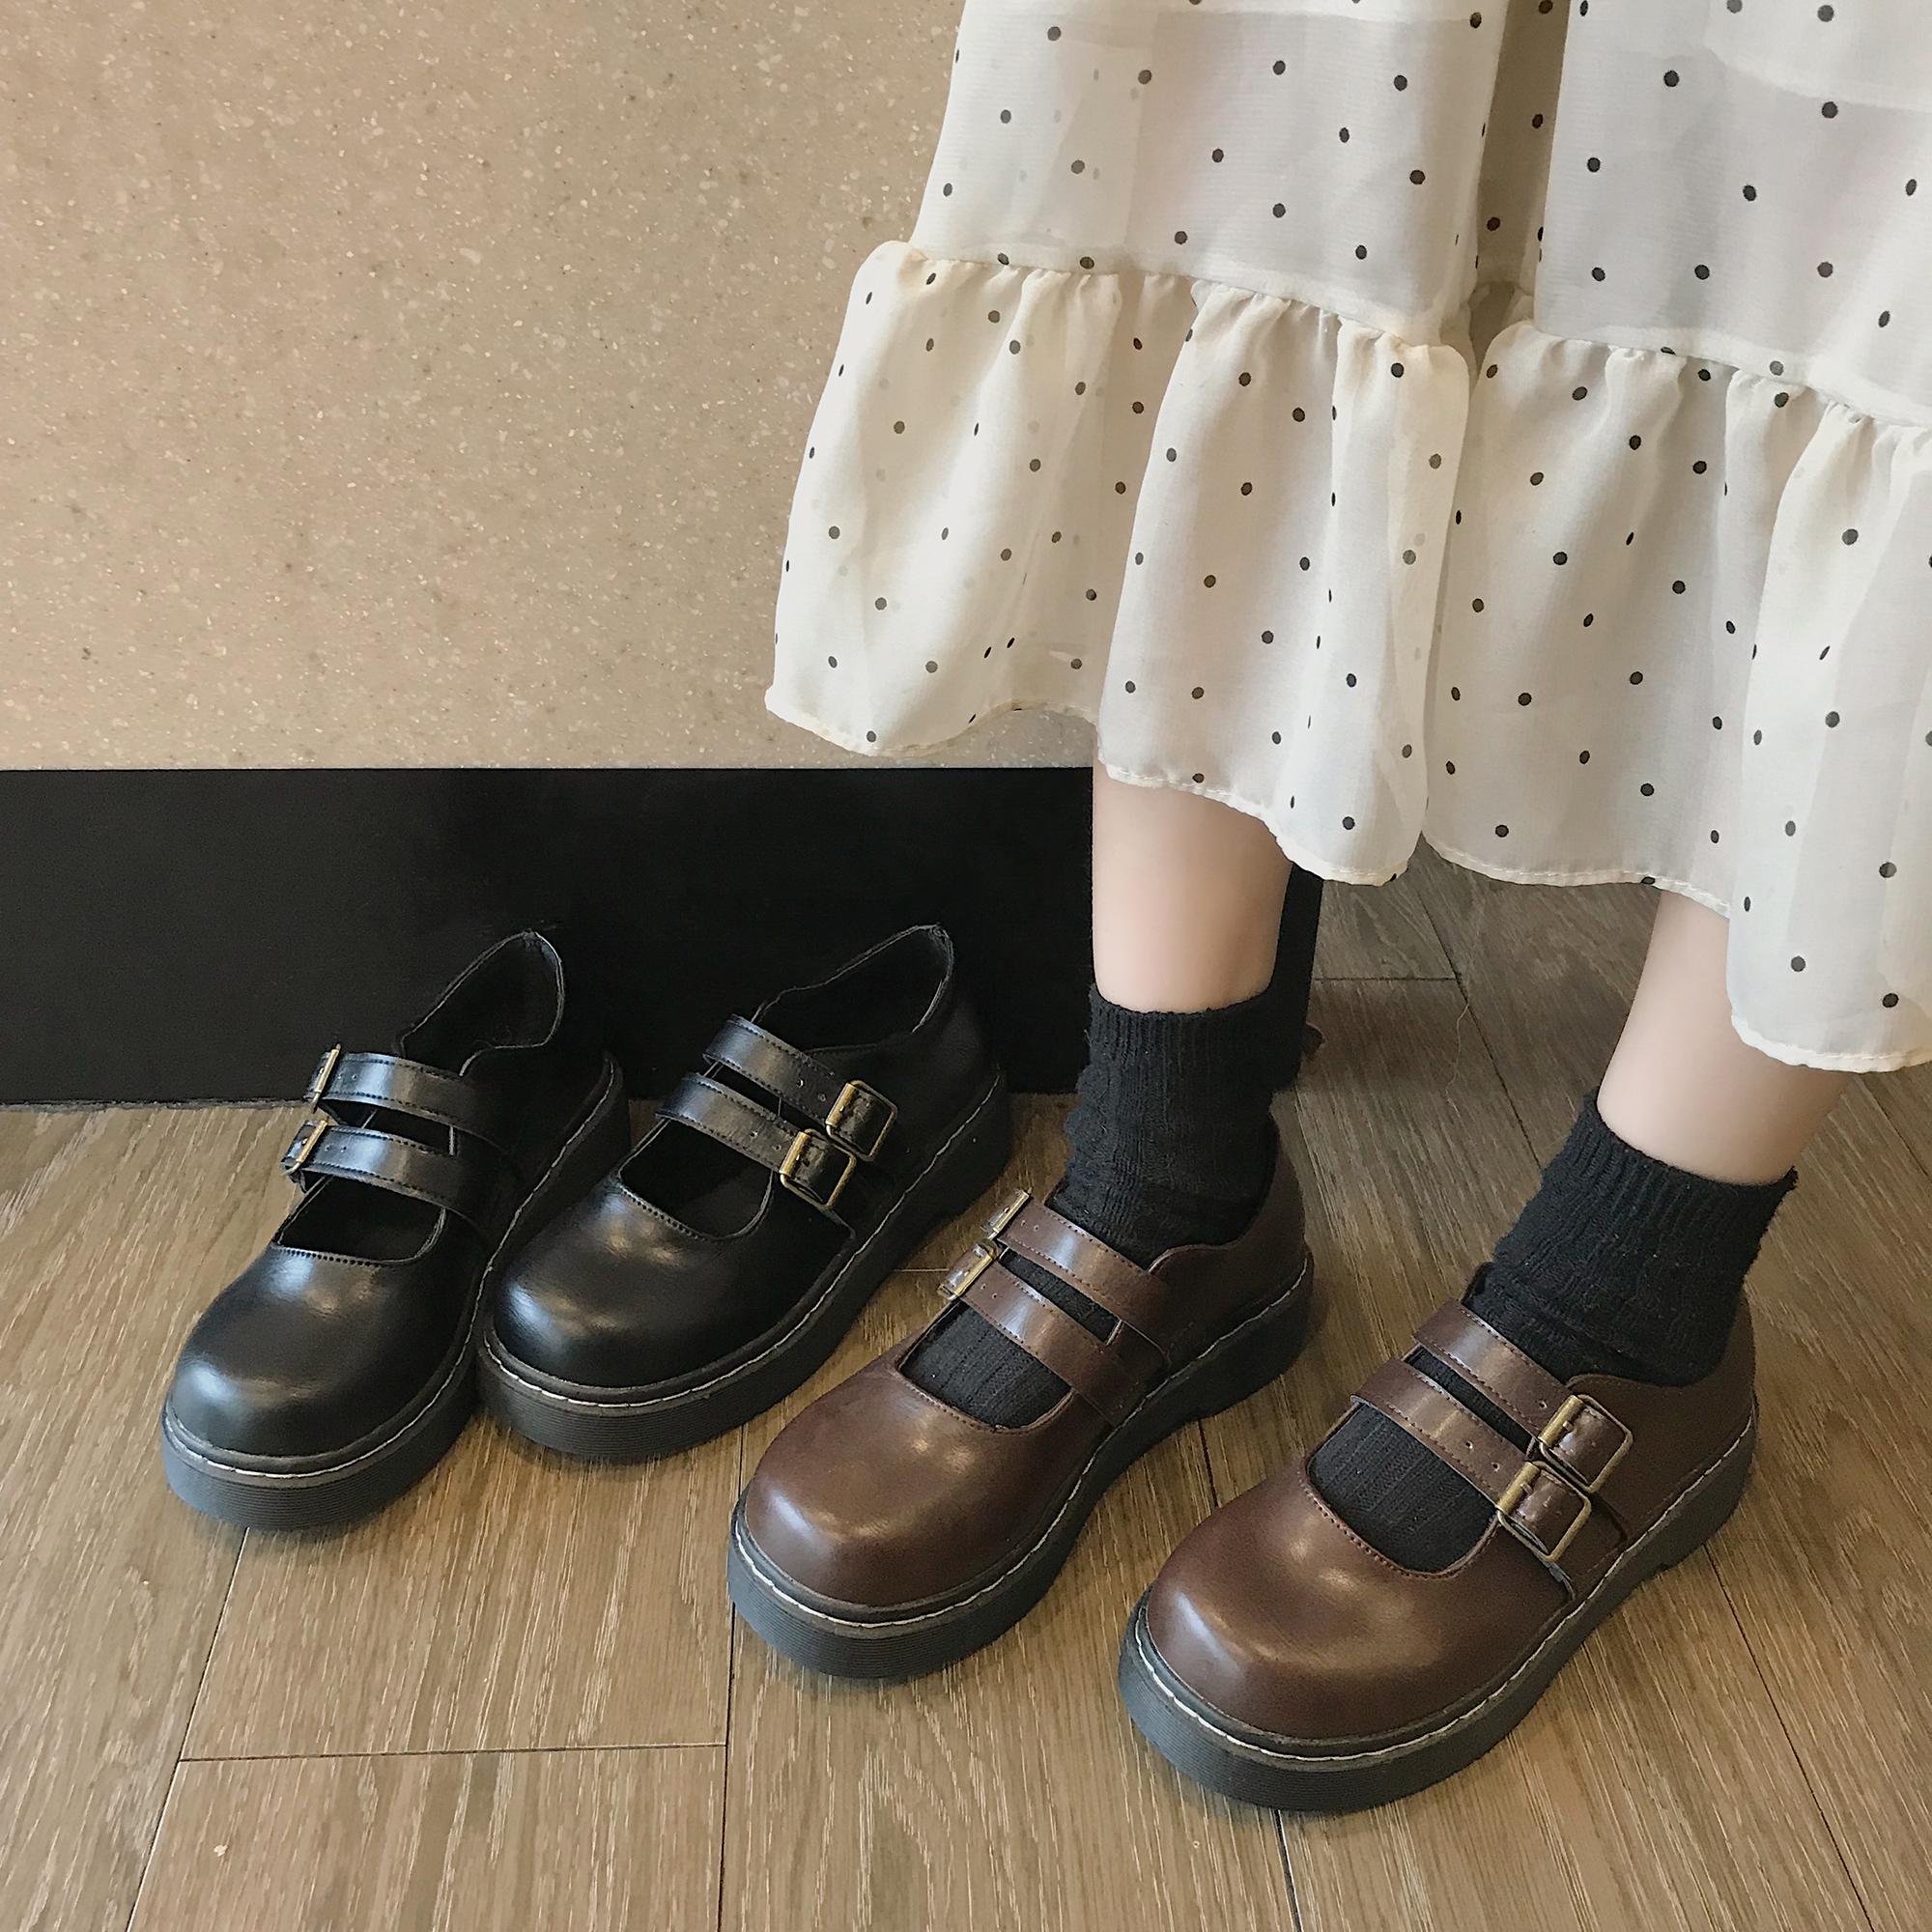 【送料無料】 レトロシューズ♡  ステッチシューズ ローヒール パンプス